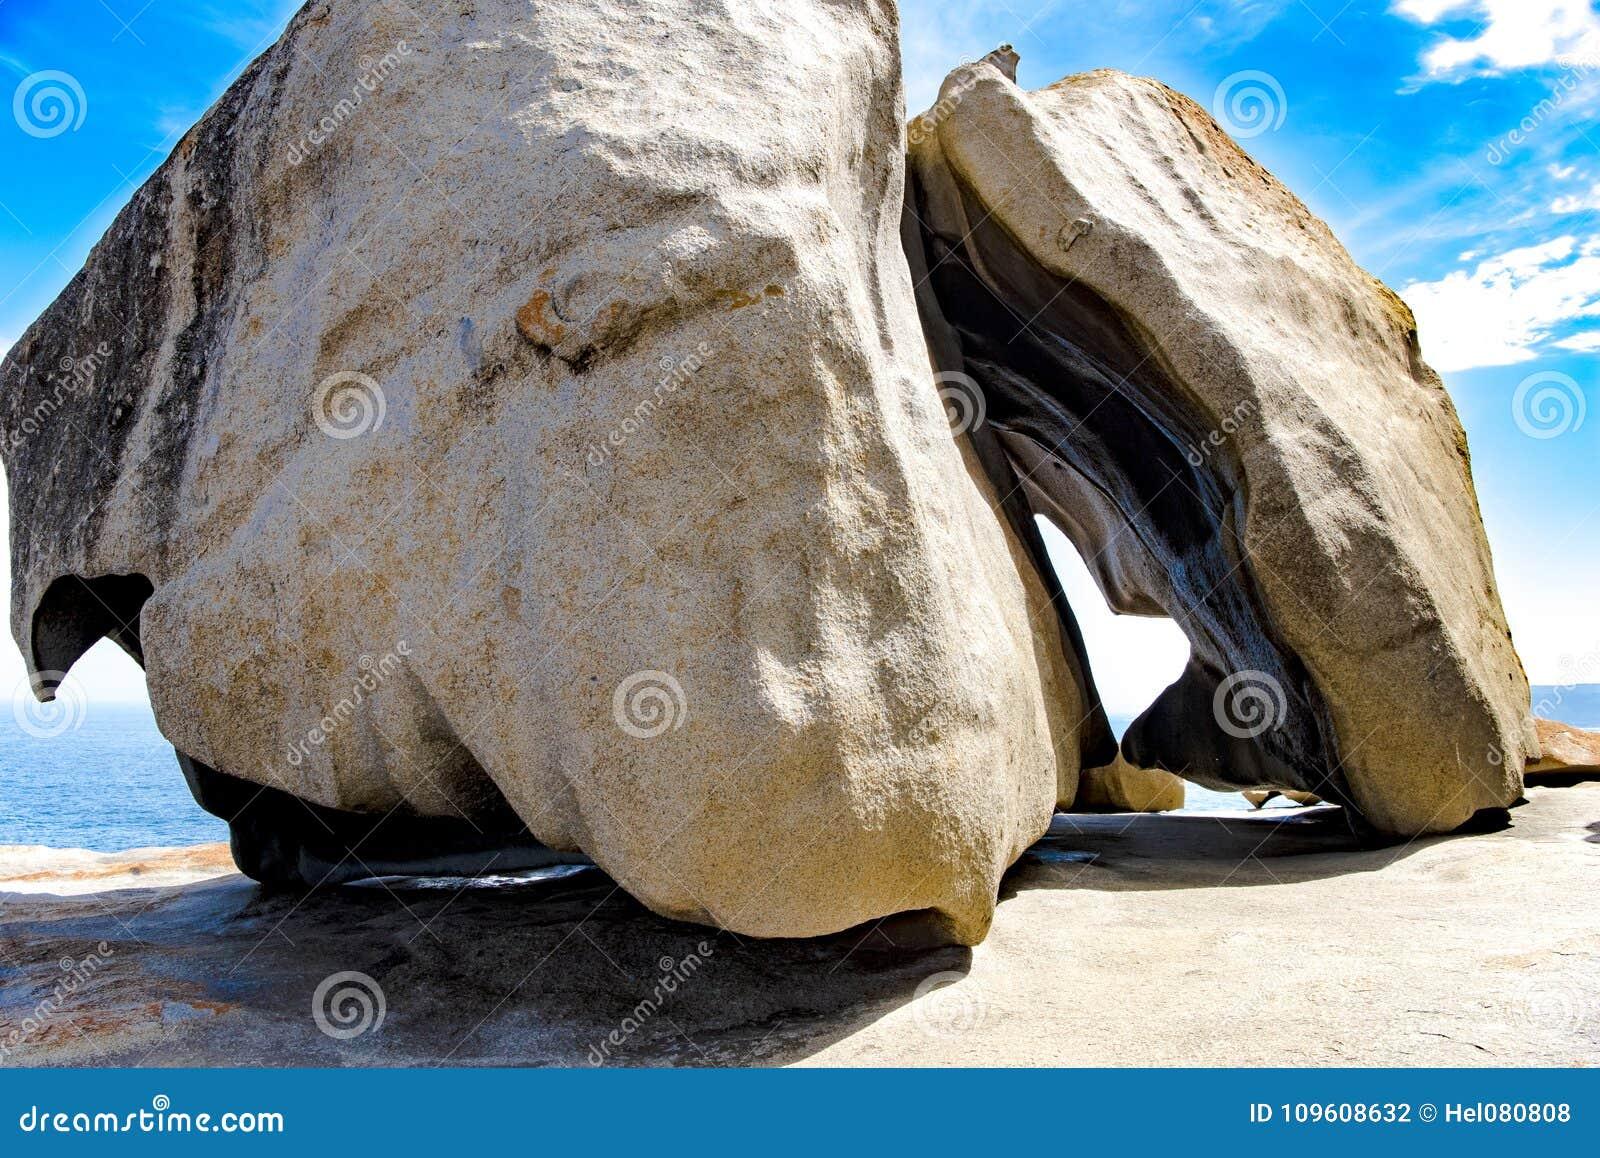 Cerf de pierre dans les roches remarquables, île de kangourou, Australie